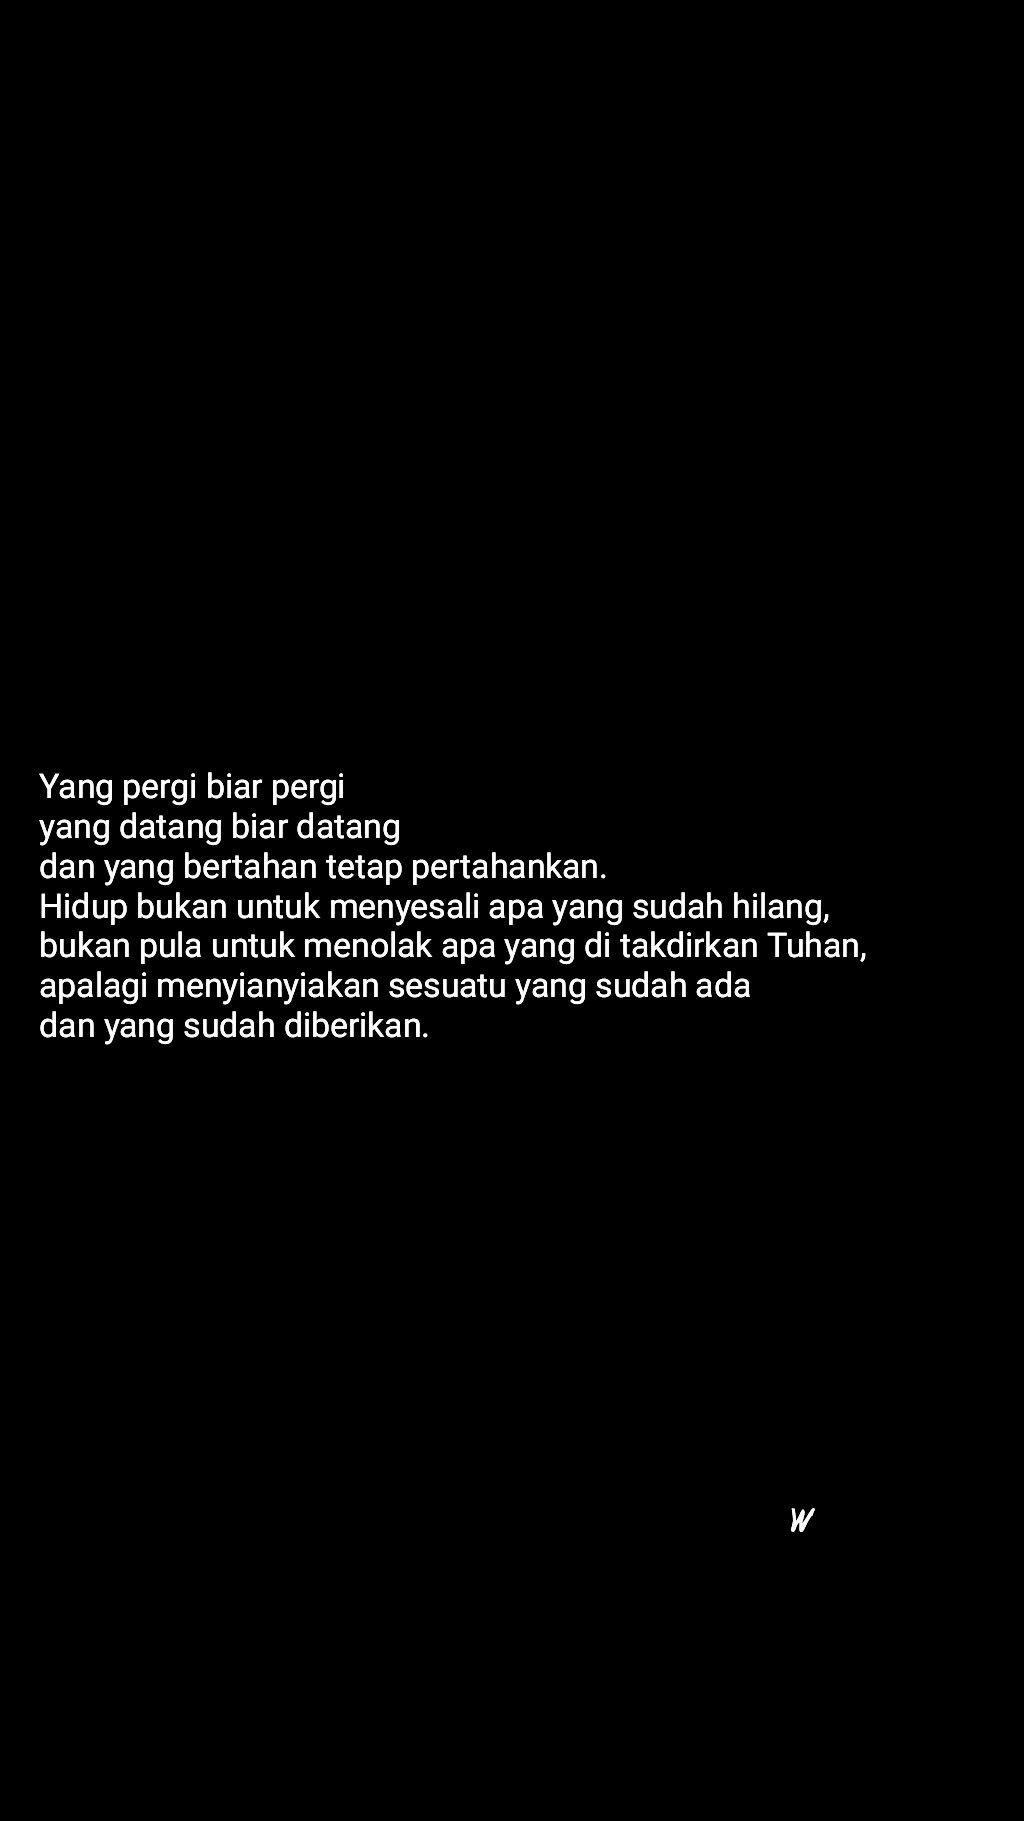 Quotes Katakata Sedih Sadness Galau Peka Doi Bahagia